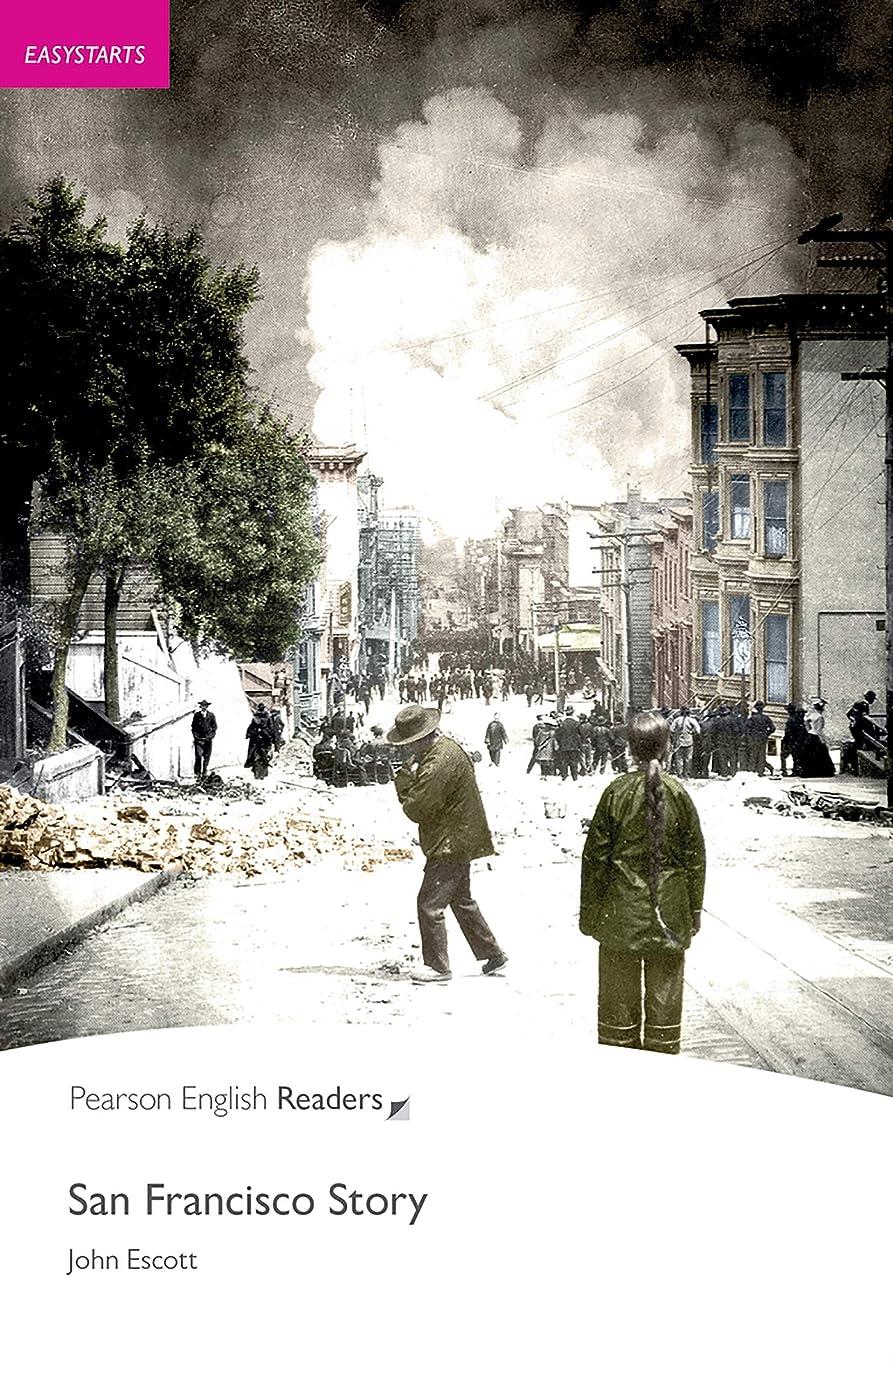 機転カメ逸脱Easystart: San Francisco Story (Pearson English Graded Readers) (English Edition)